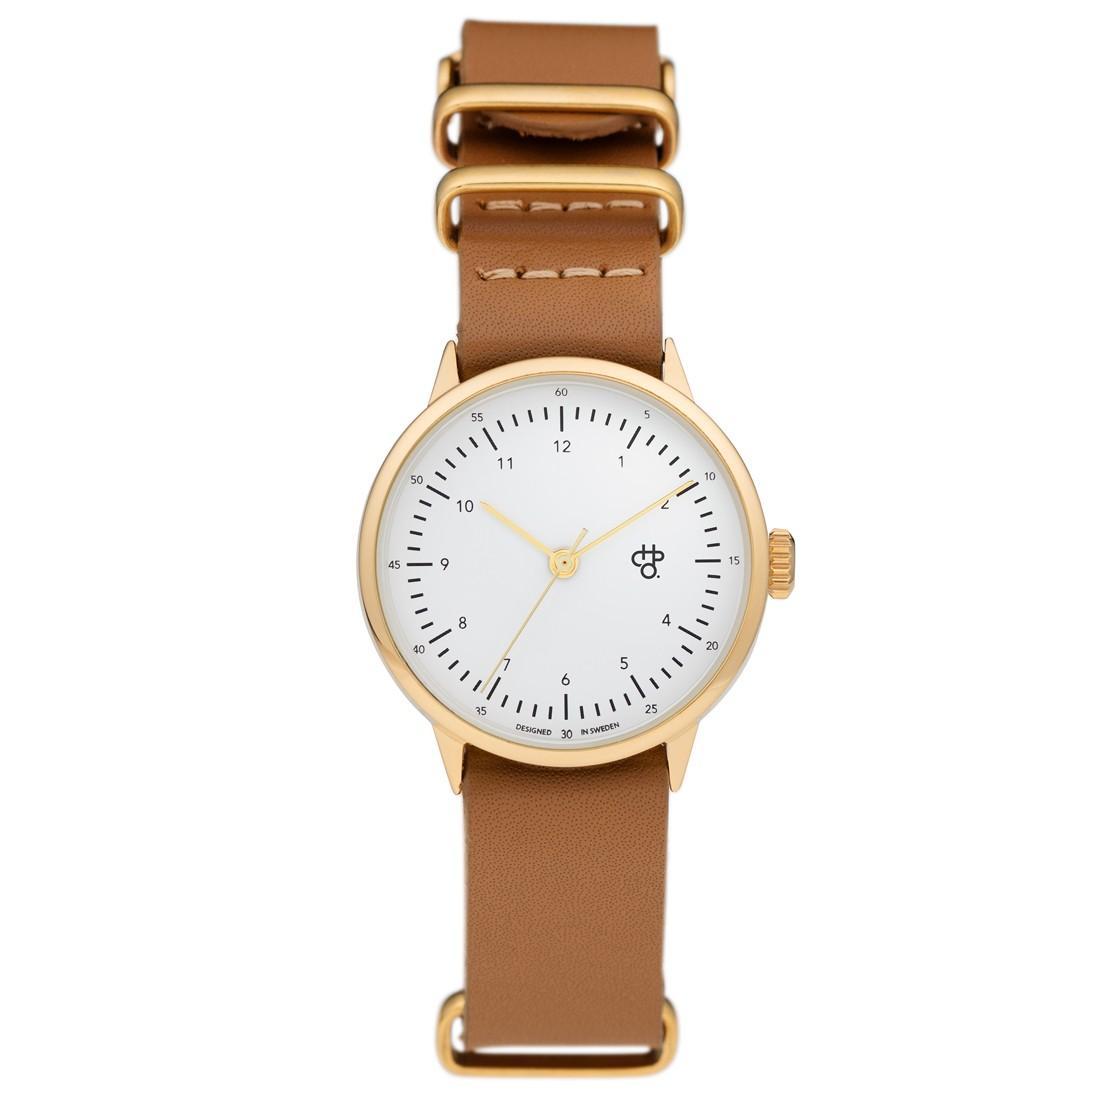 zegarek na pasku skórzanym